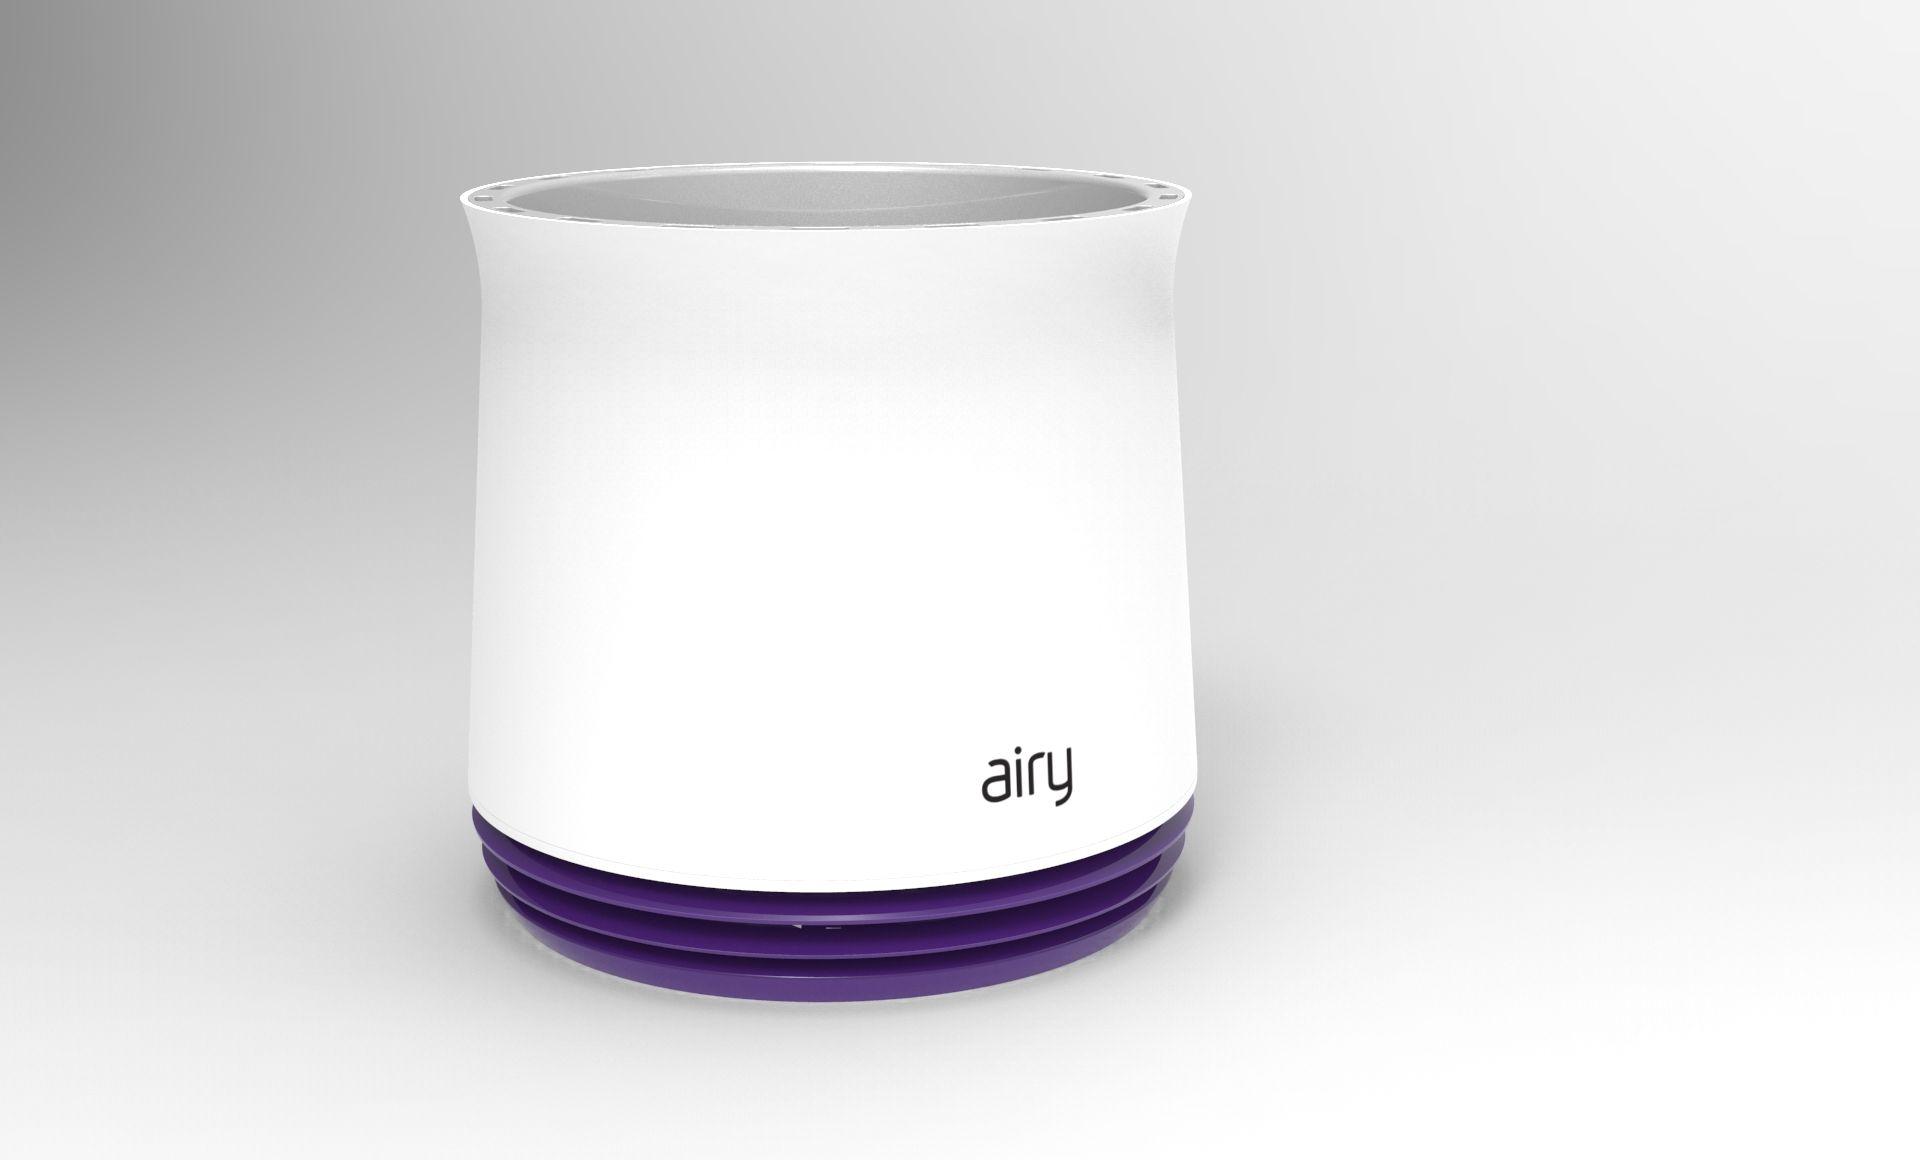 Die Neuerfindung des Pflanzentopfs: AIRY befreit die Raumluft von Schadstoffen, indem er das Wurzelwerk der Zimmerpflanze belüftet.